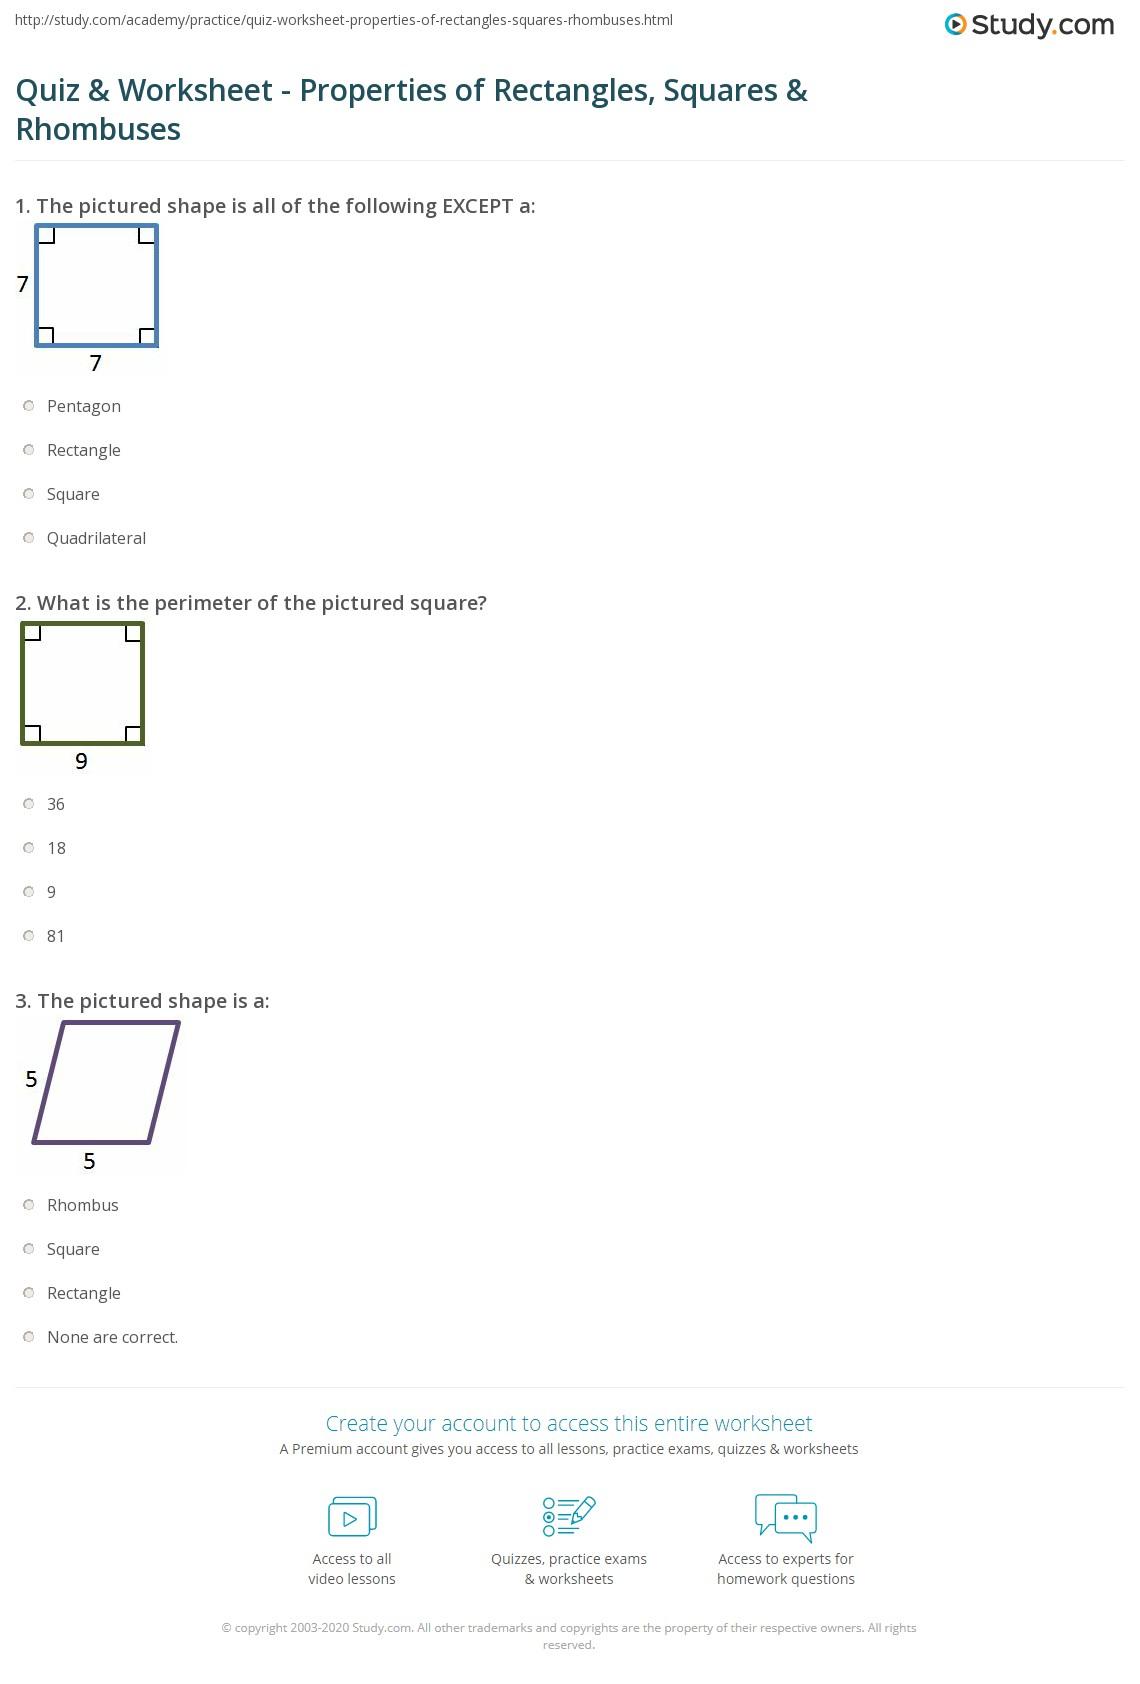 Quiz W Ksheet Properties Of Rect Ngles Squ Res Rhombuses